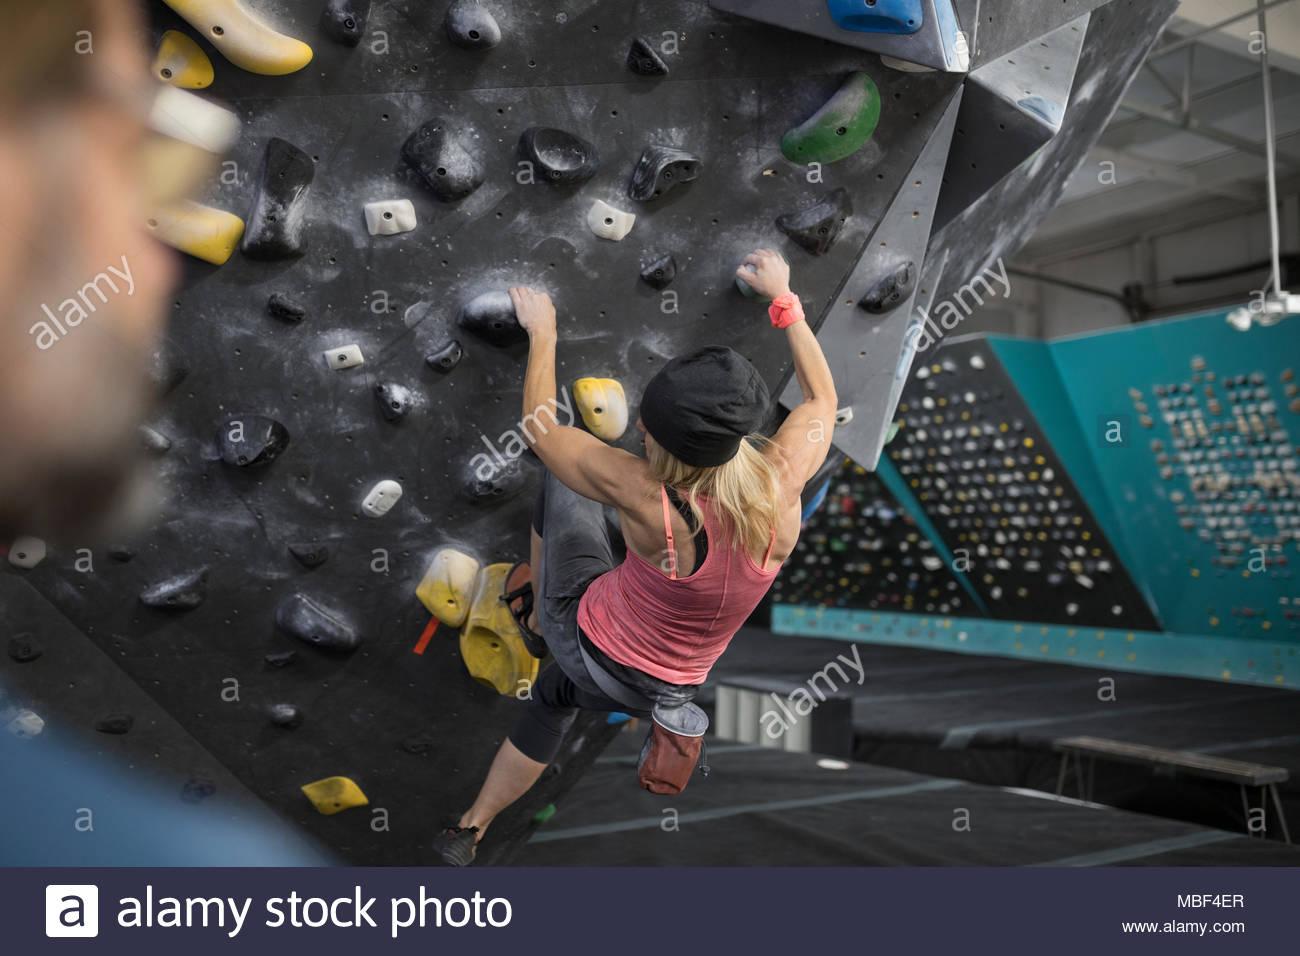 Fuerte y resistente, escalador de hembras maduras muro de escalada en el gimnasio de escalada Imagen De Stock